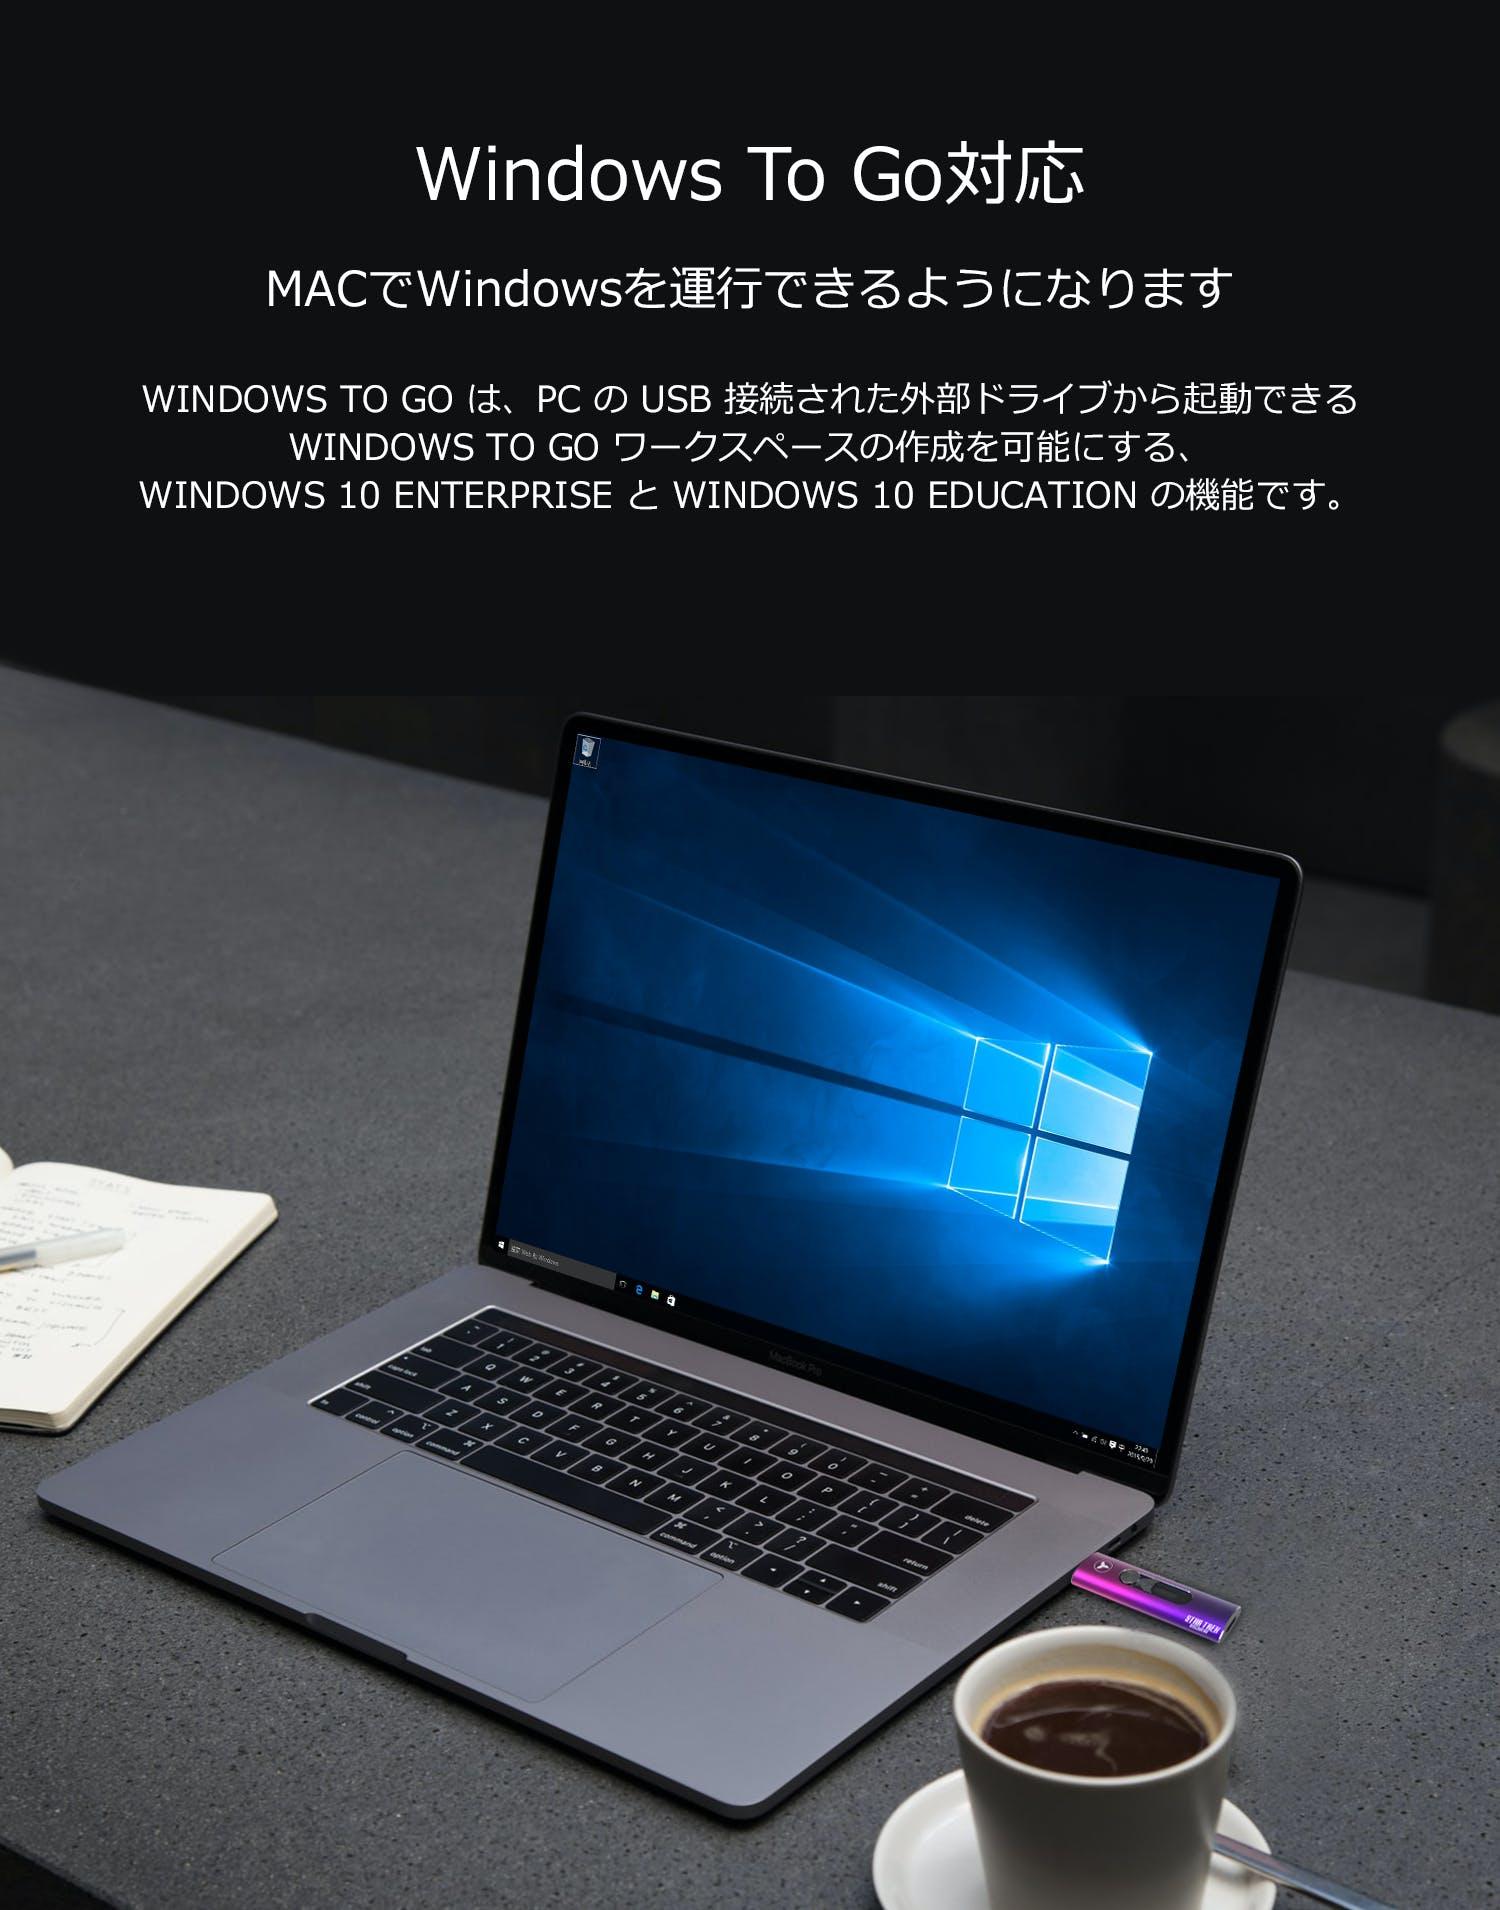 Windows To Go は Windows 8 Enterpriseエディションの機能で、フラッシュメモリや外付けハードディスクドライブなどのUSBストレージデバイスからのブートとOS実行を可能にすします。